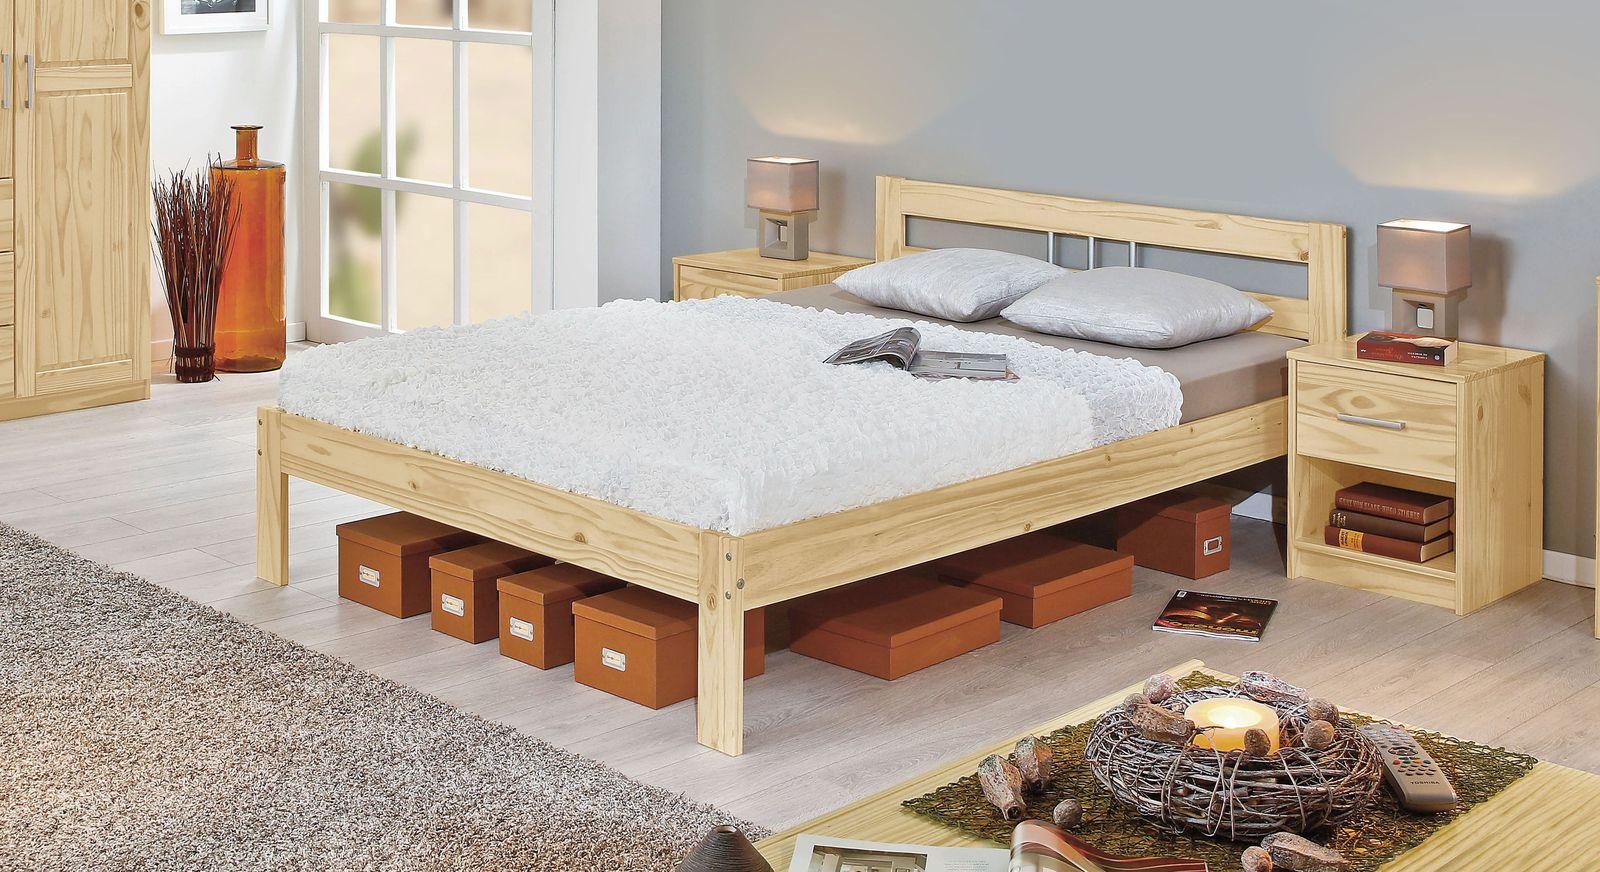 Full Size of Stapelbetten Dänisches Bettenlager Gnstiges Massivholzbett In Kiefer Natur Lackiert Bregenz Badezimmer Wohnzimmer Stapelbetten Dänisches Bettenlager